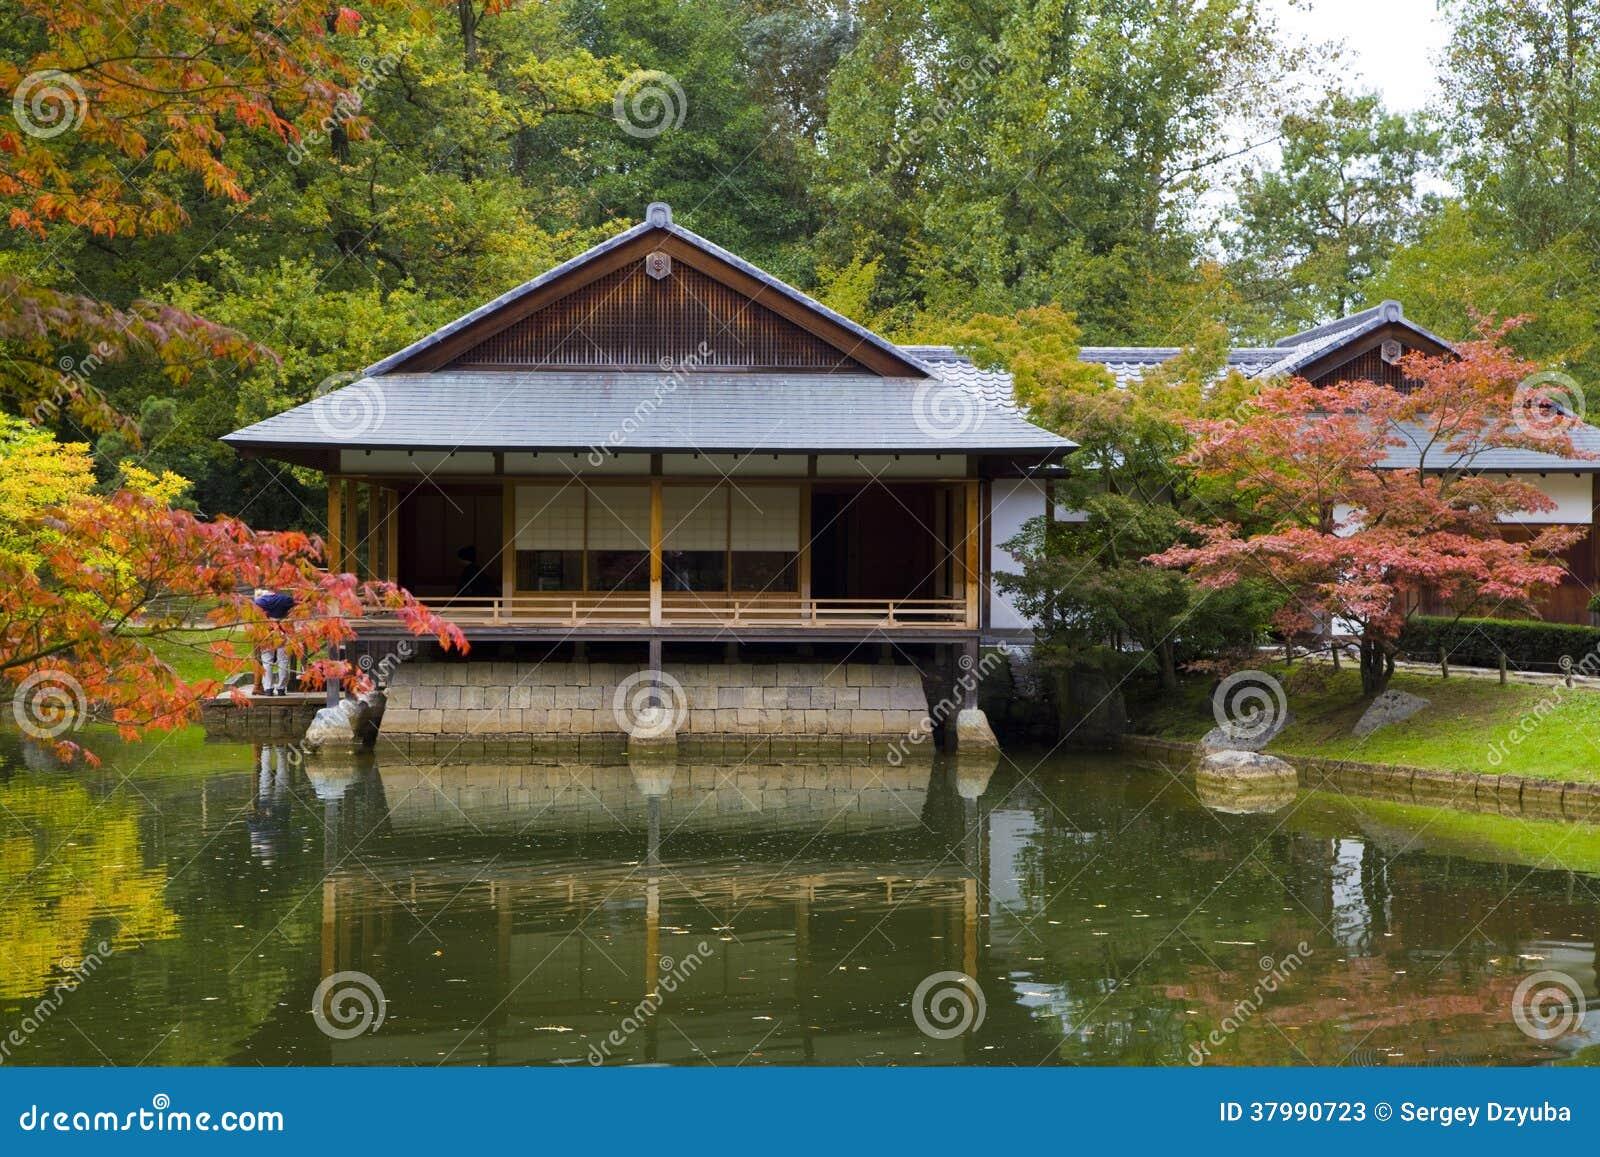 Tea house reflecting in pond in japanese garden stock for Japanese garden house